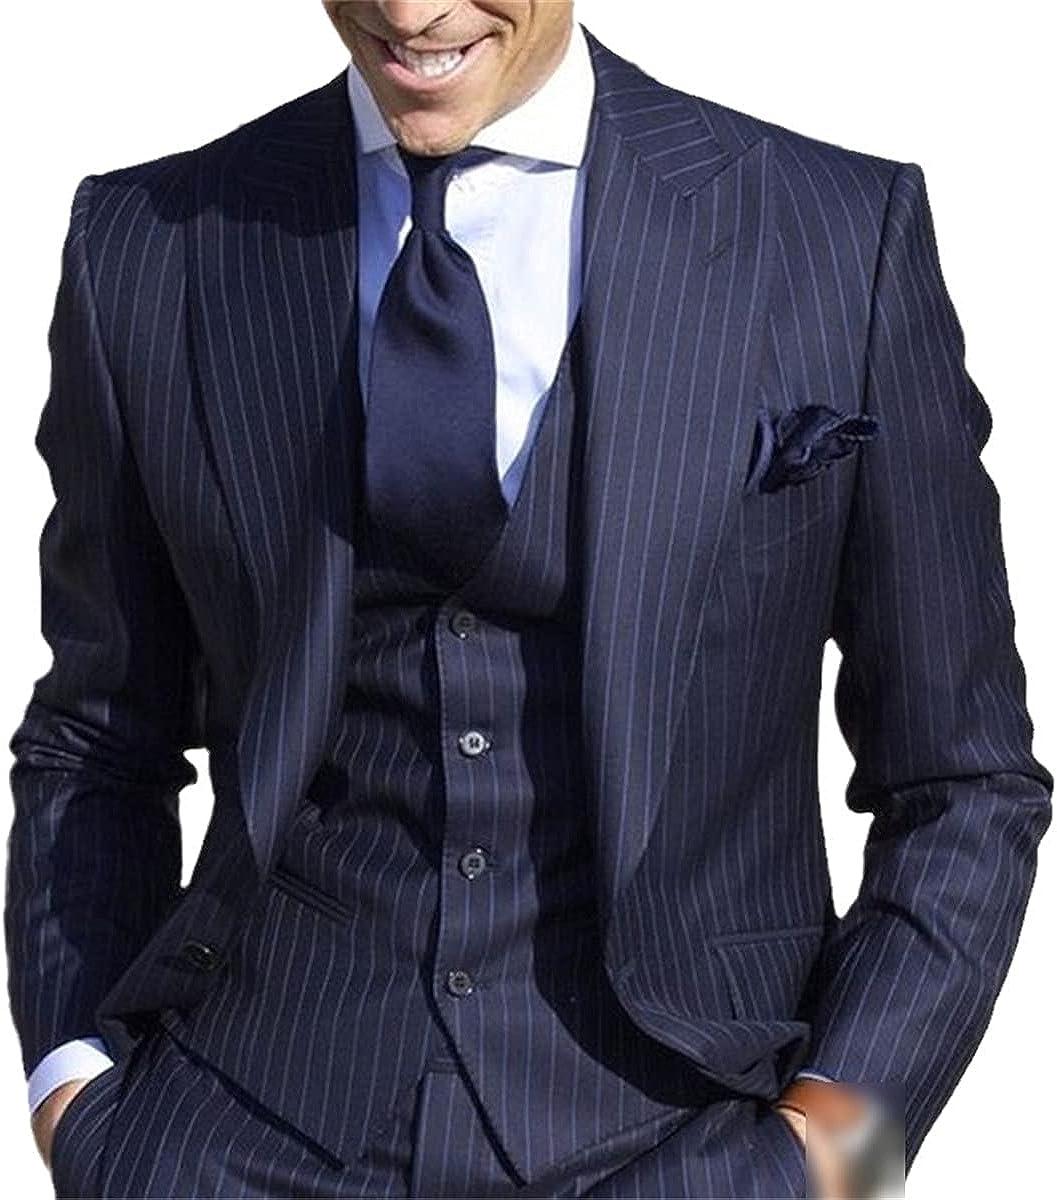 CACLSL Men's Suit Pants Striped Jacket Slim fit Wedding Groom Tuxedo Suit Prom Jacket + Pants + Vest